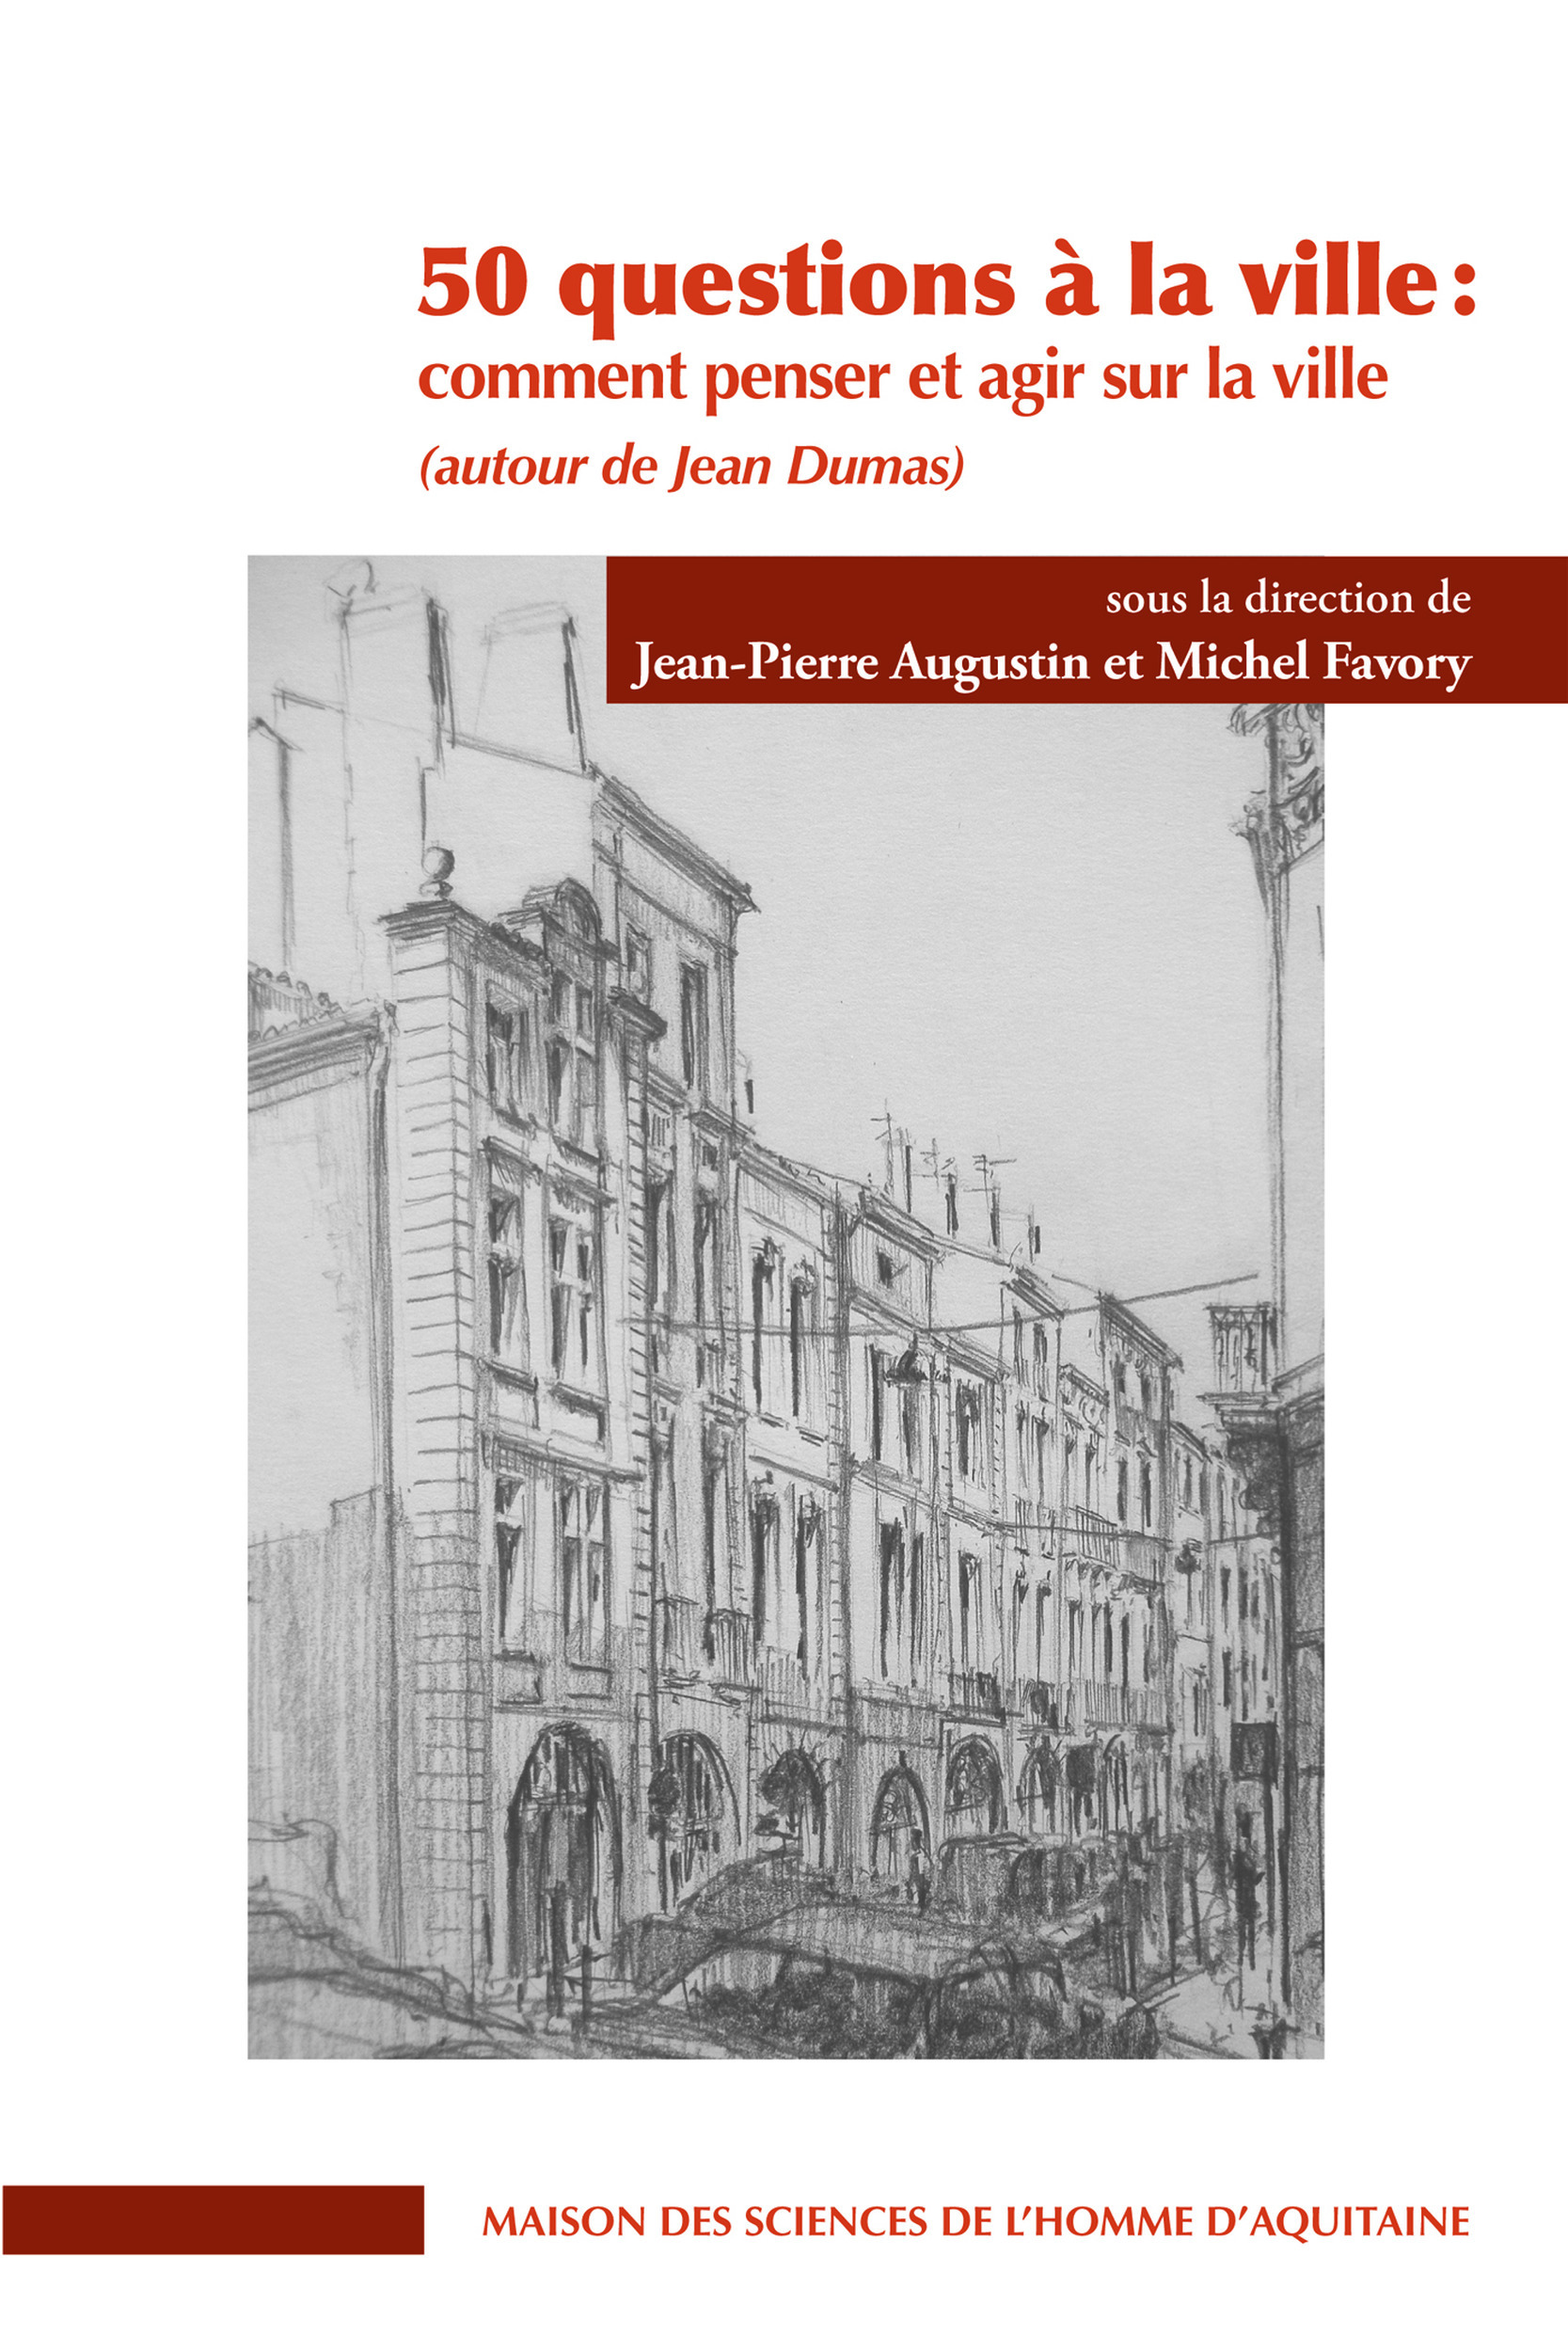 50 questions à la ville : comment penser et agir sur la ville ; autour de Jean Dumas